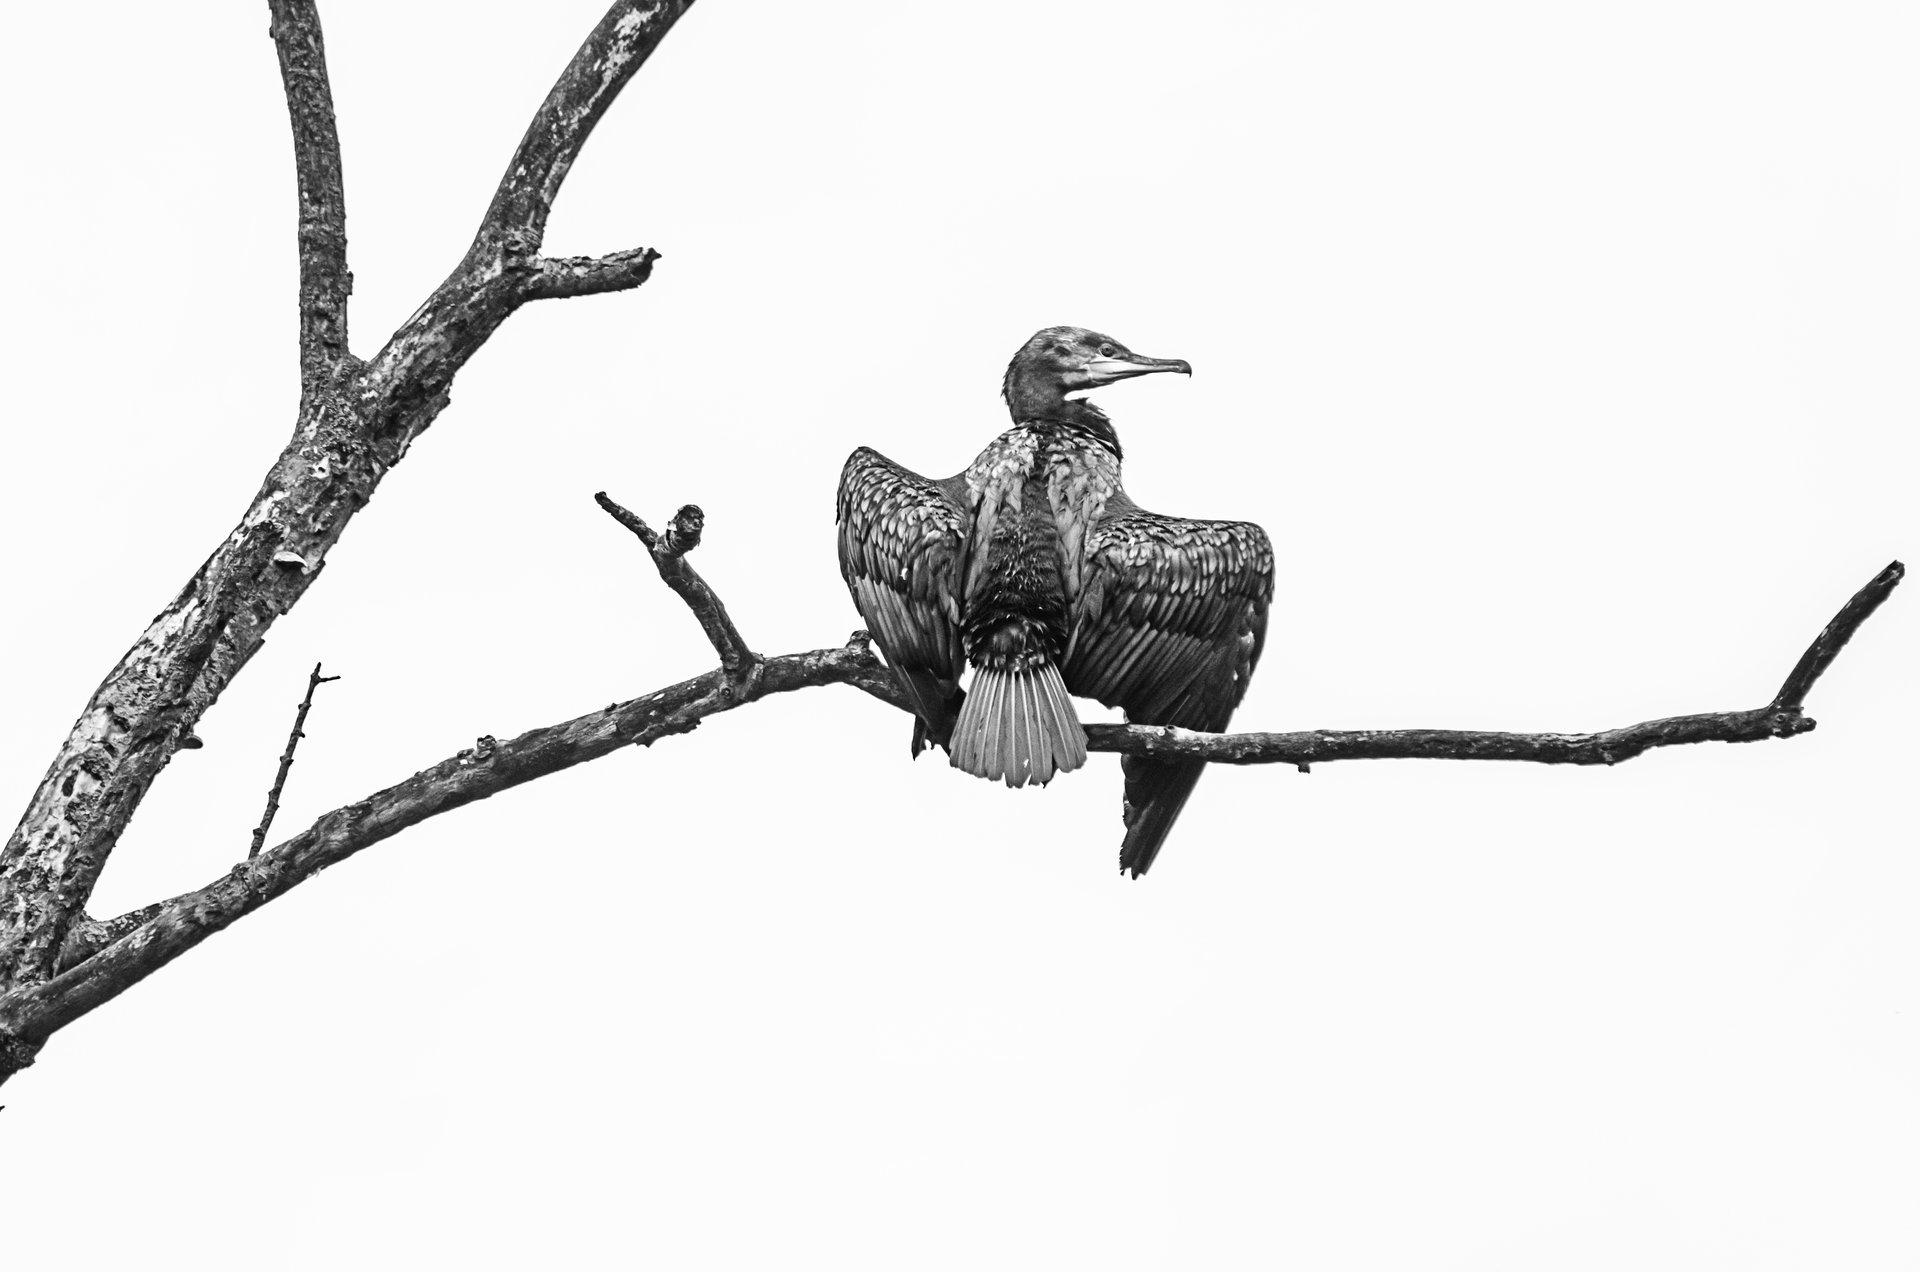 Photo in Wild life | Author desiignat | PHOTO FORUM